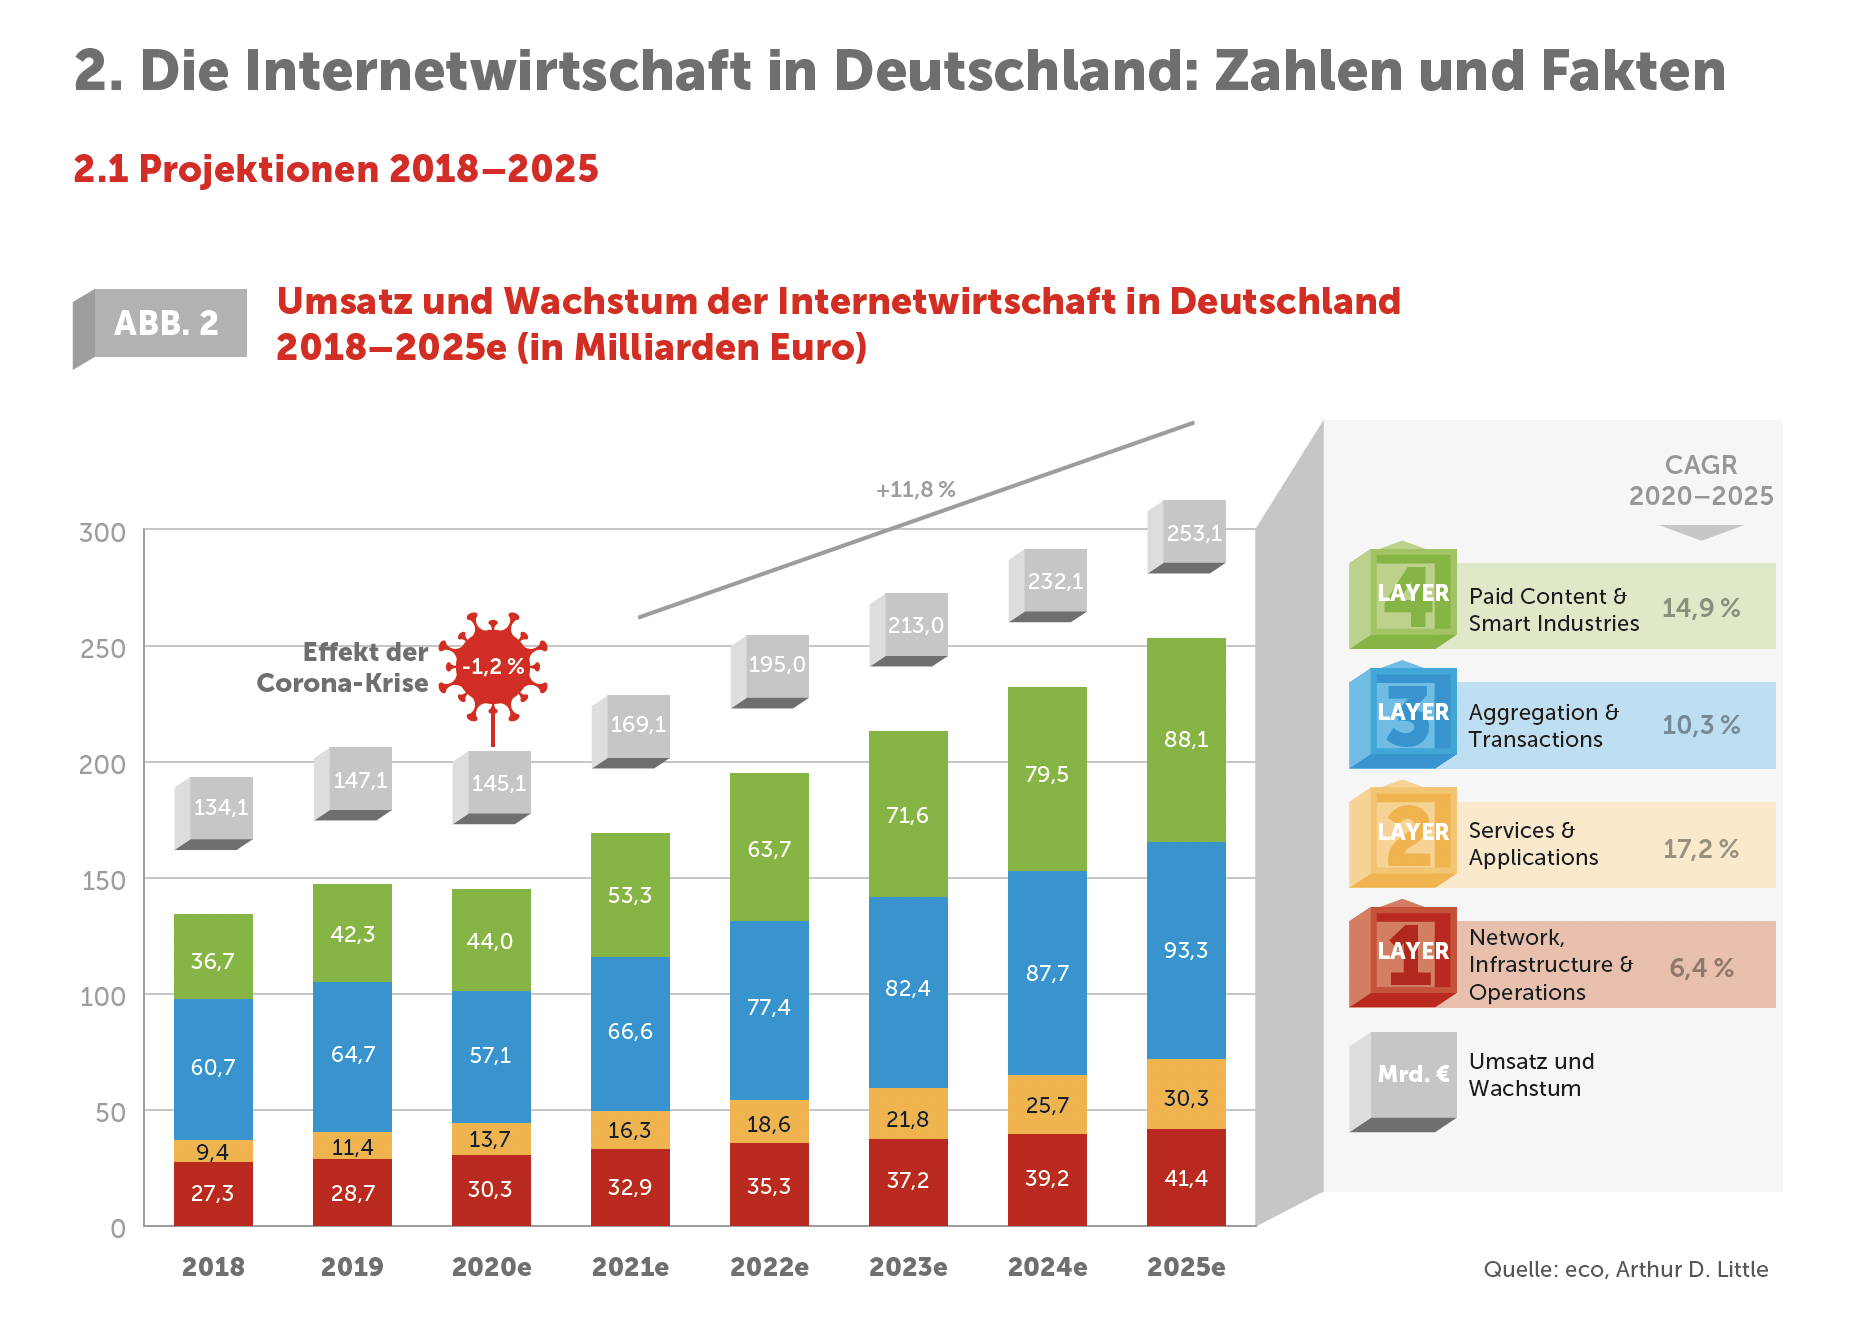 Internetwirtschaft - Zahlen und Fakten - Prof. Norbert Pohlmann